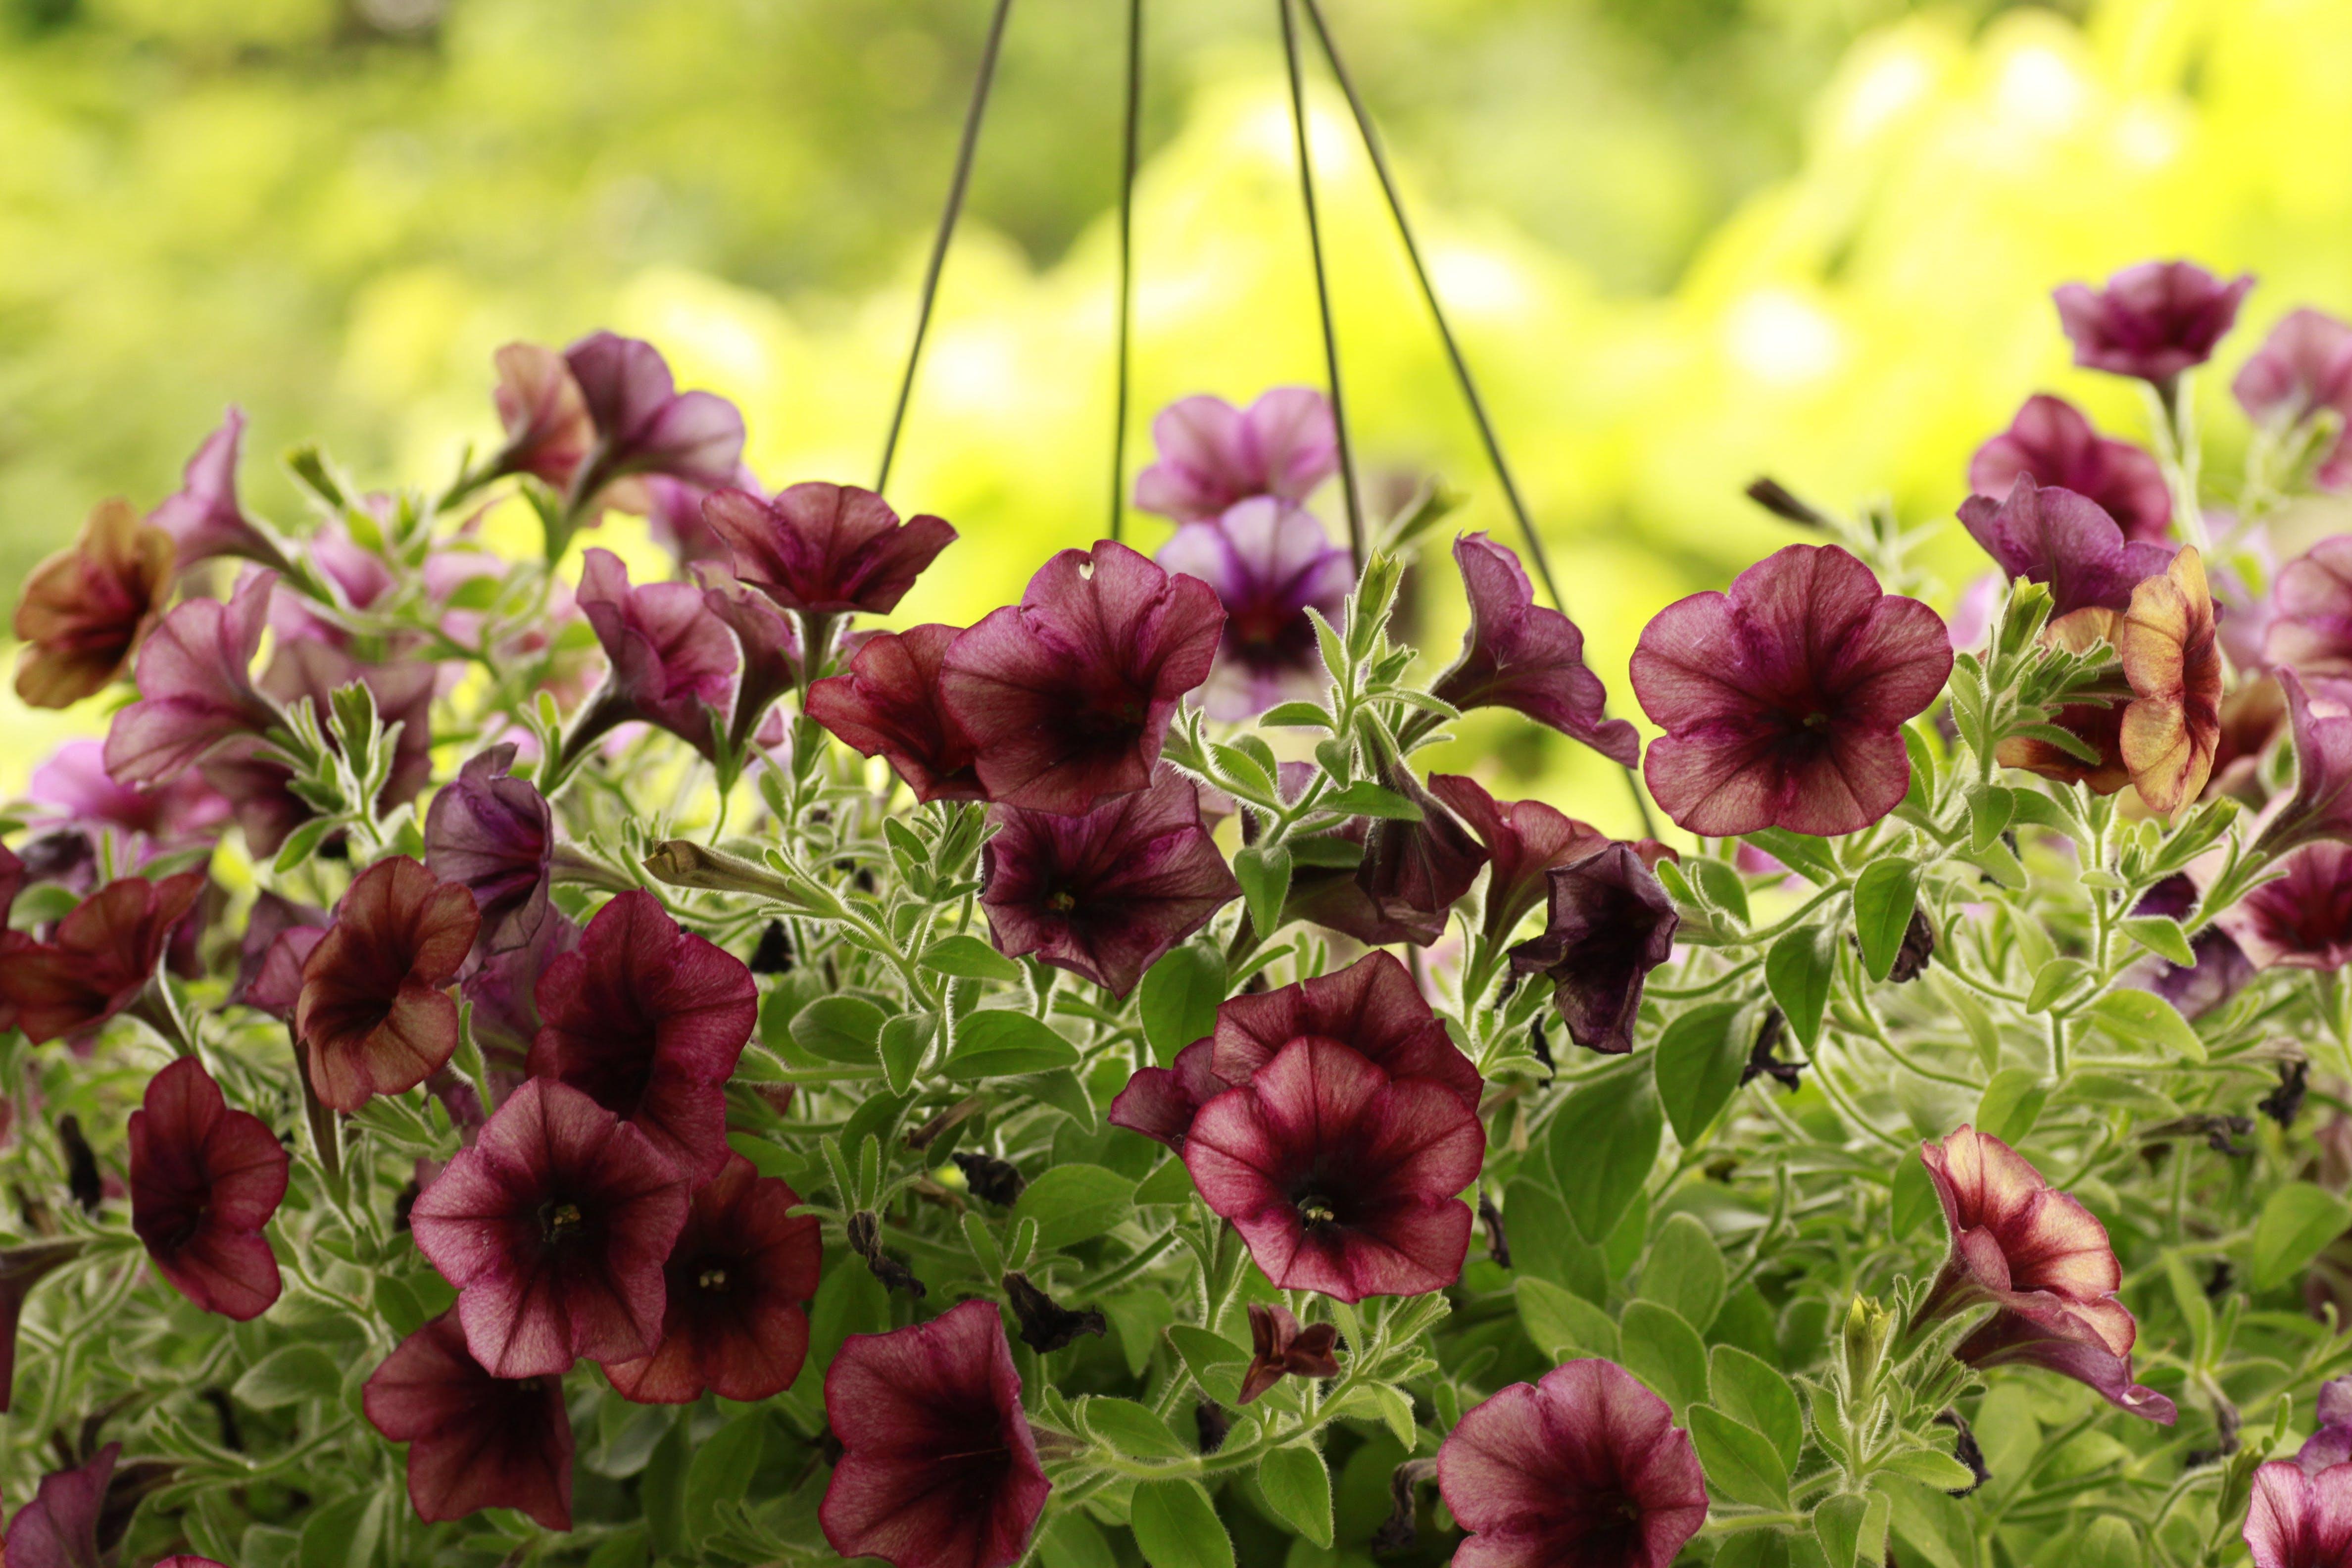 Free stock photo of petunias